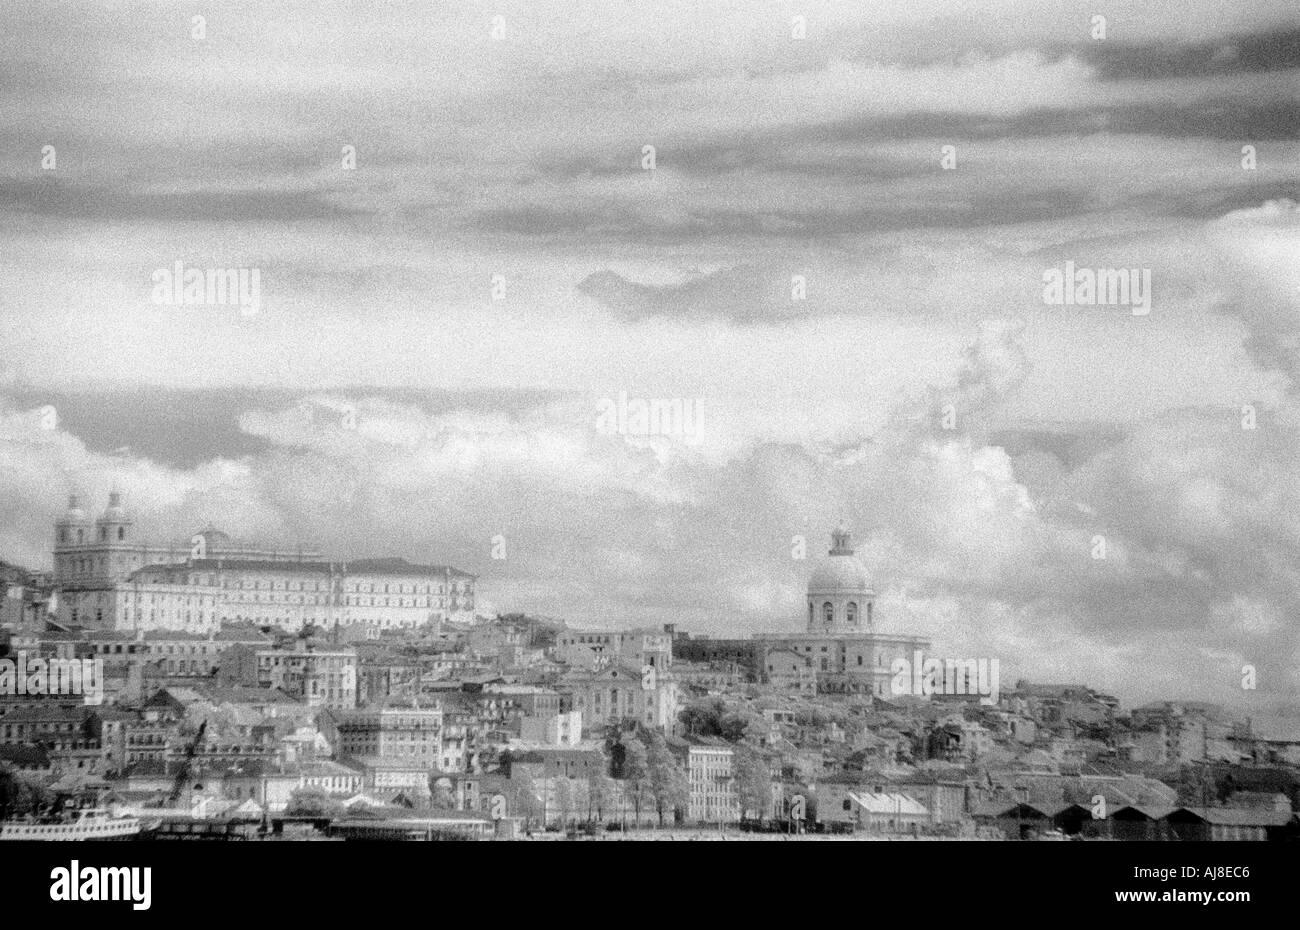 Alfama taken from Tajo River, Lisbon, Portugal - Stock Image